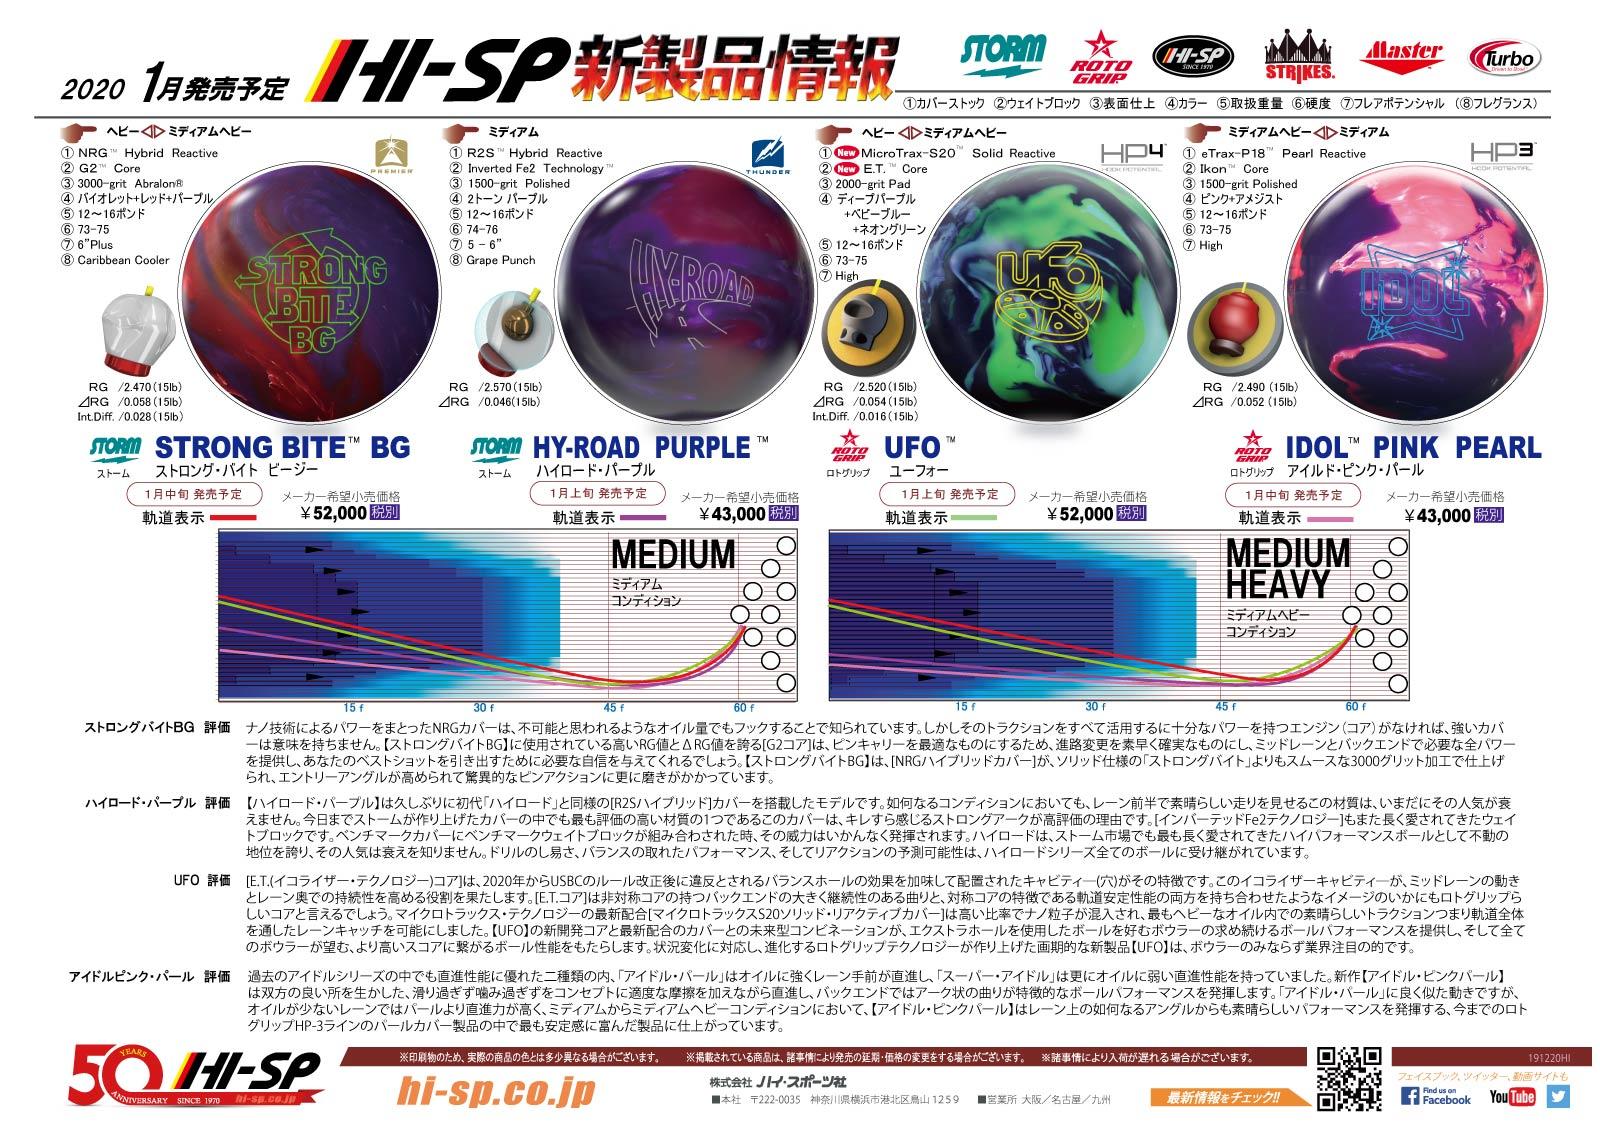 ハイスポーツ 1月新製品ボール